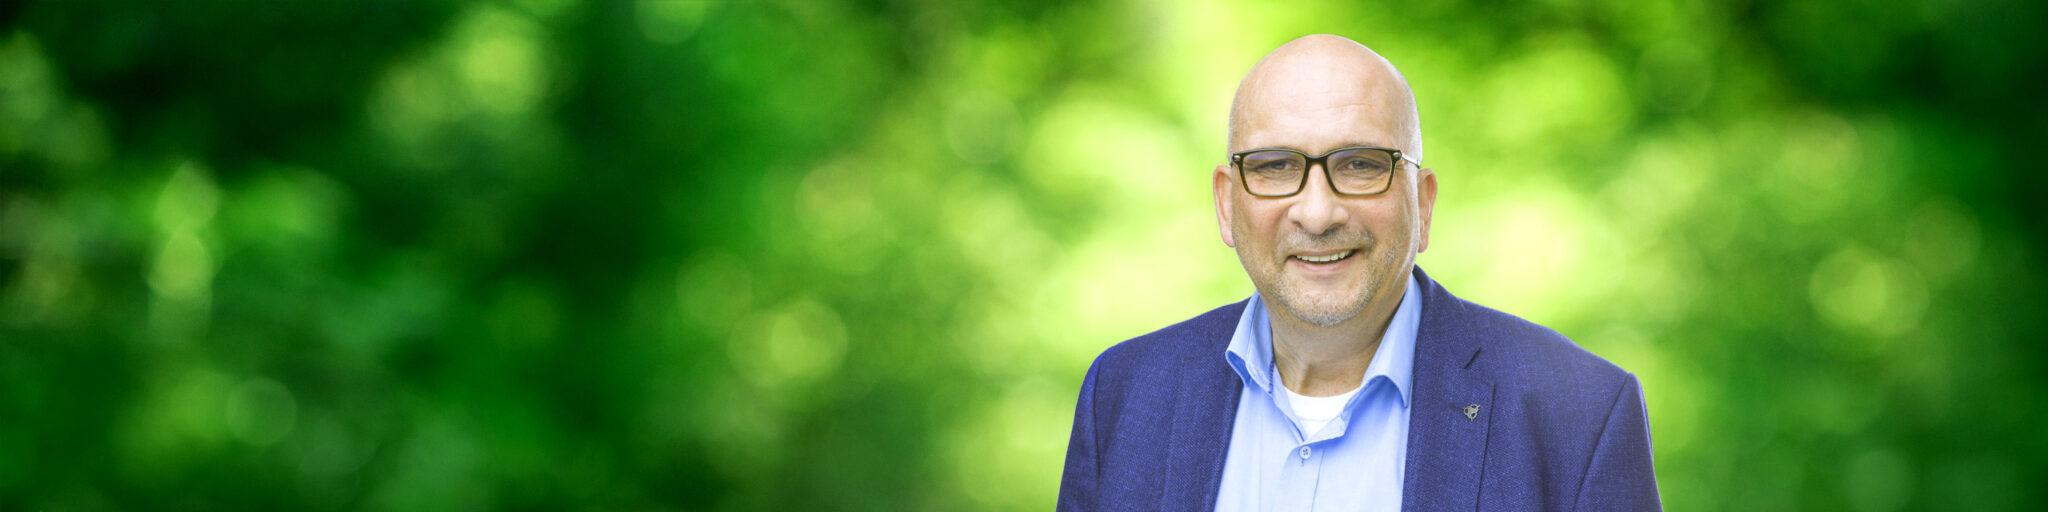 Virtuelle Gesprächsstunde mit Detlev Schulz-Hendel